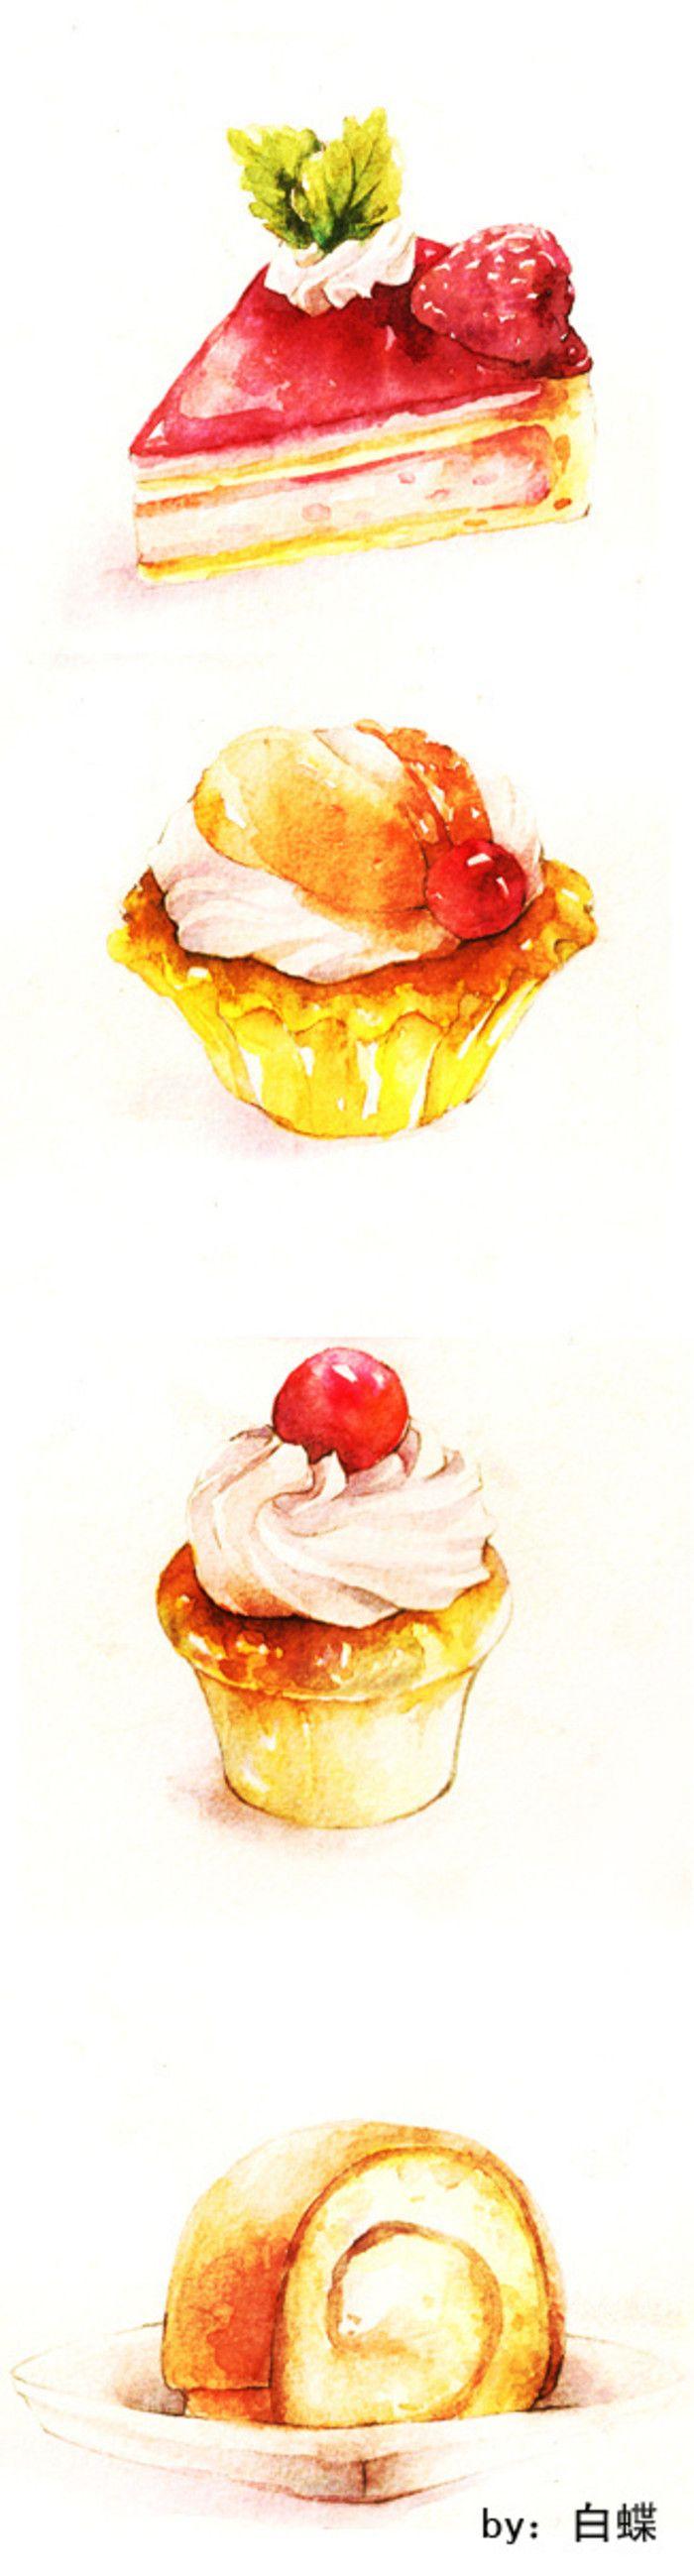 来吃蛋糕-白蝶 #水彩# #手绘# #美食# #甜点#by白蝶